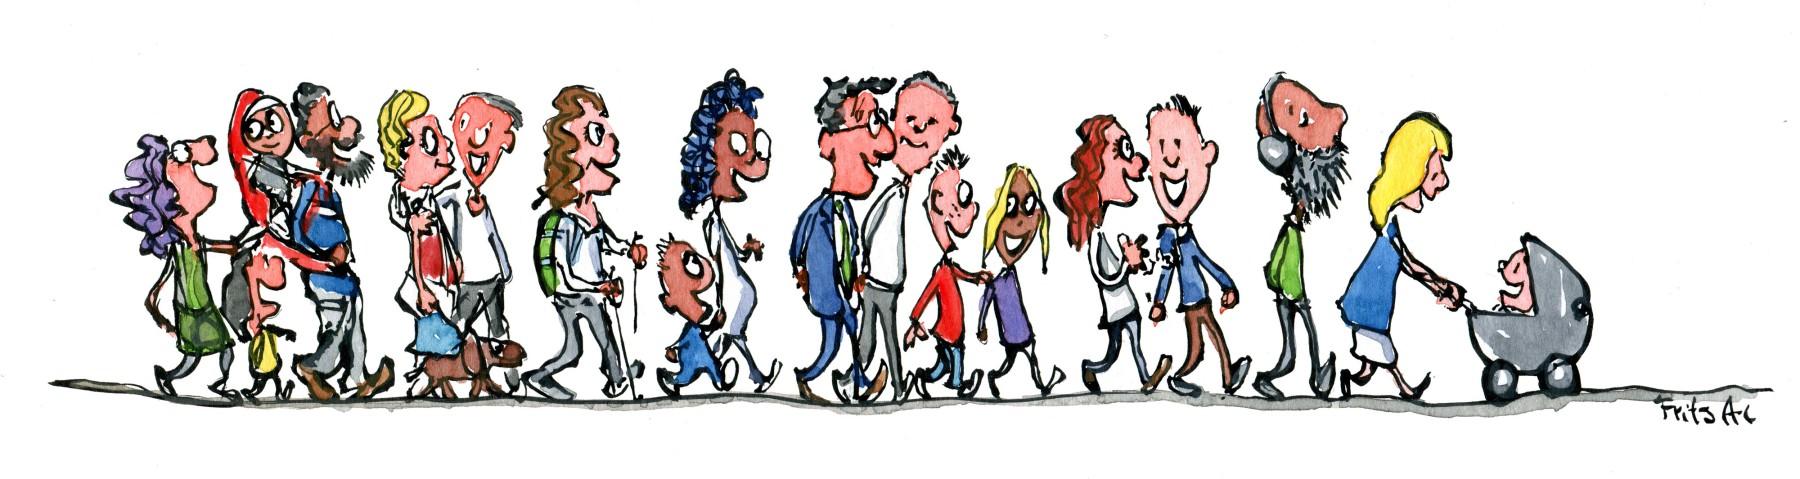 illustration af gruppe mennesker som går sammen. Tegning af Frits Ahlefeldt